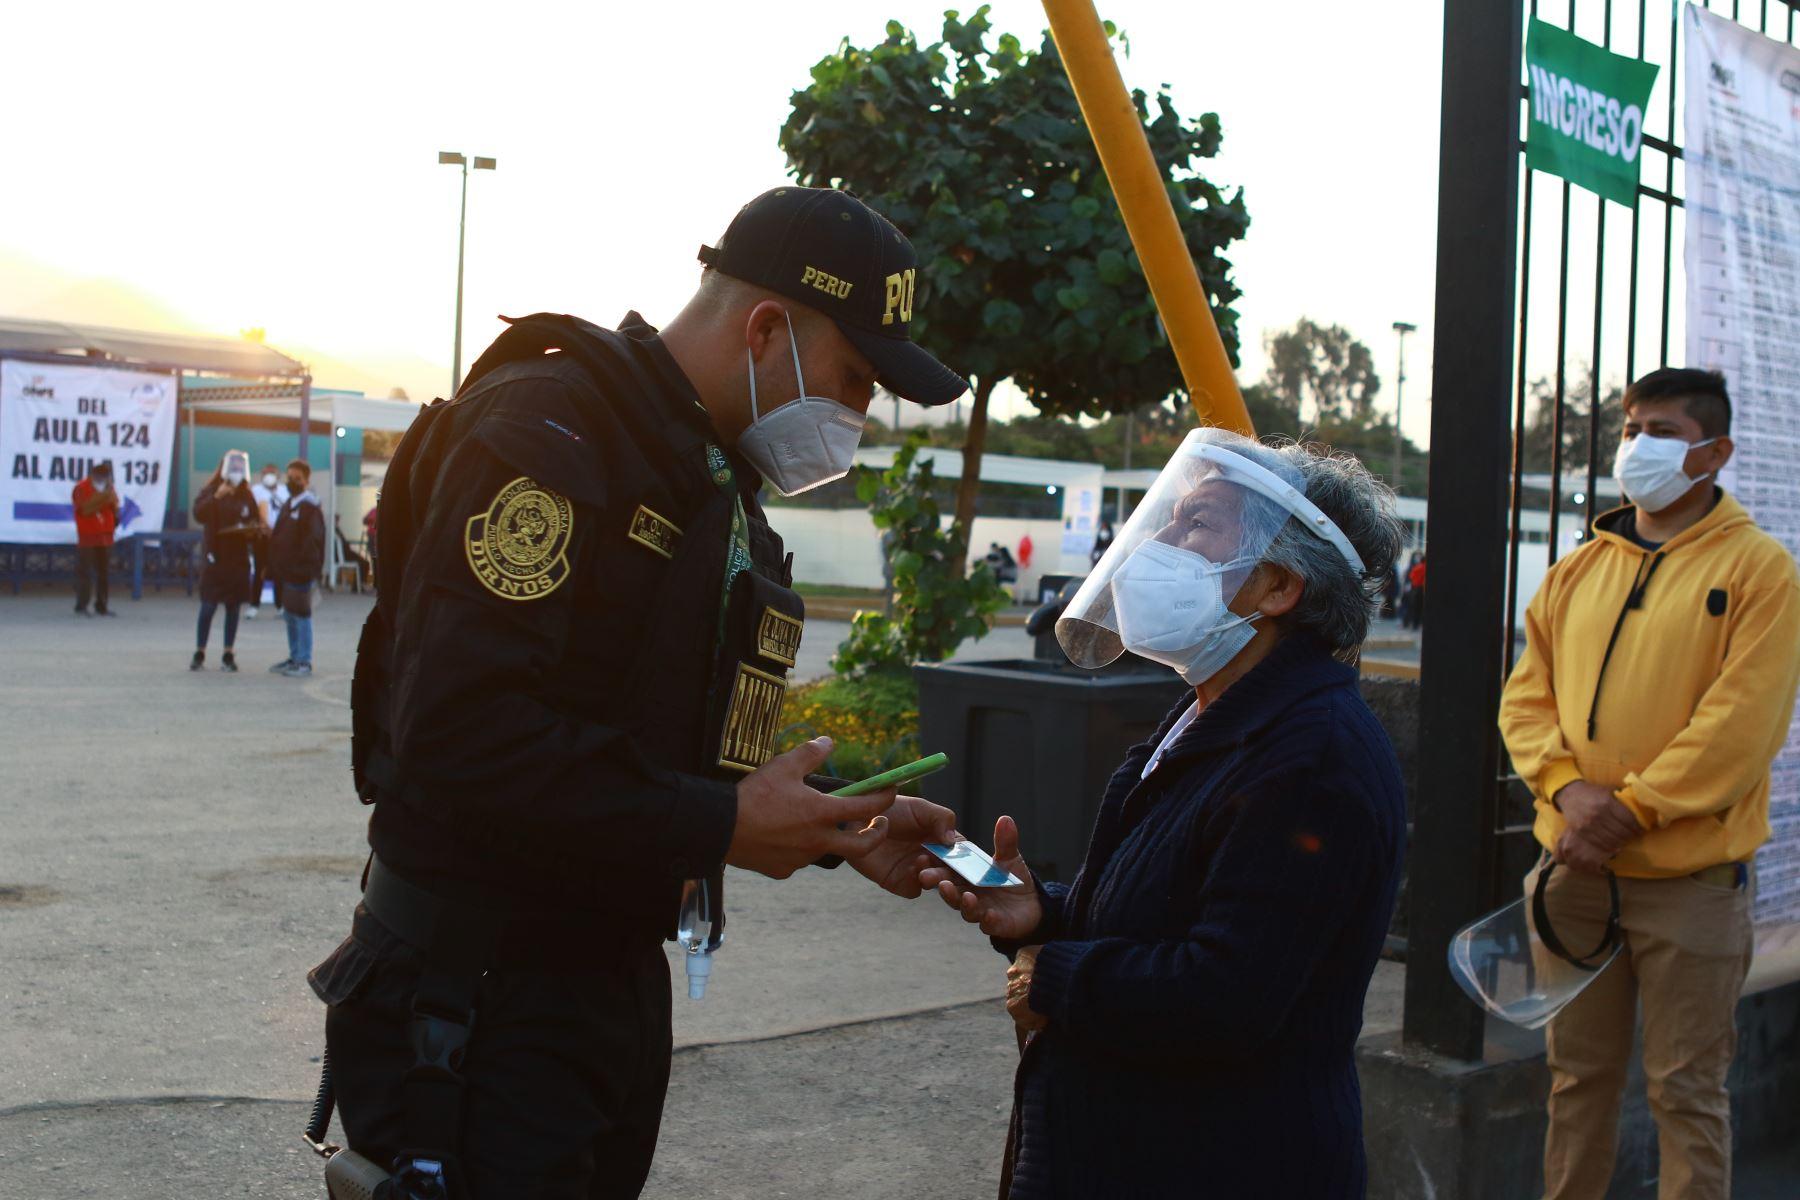 LIMA (PERÚ), 11/04/2021.- Más de 150,000 efectivos policiales y de las Fuerzas Armadas se encuentran desplazados a lo largo del territorio nacional para brindar seguridad en las elecciones generales, celebradas hoy en el país.  Foto: ANDINA/ Jhonel Rodríguez